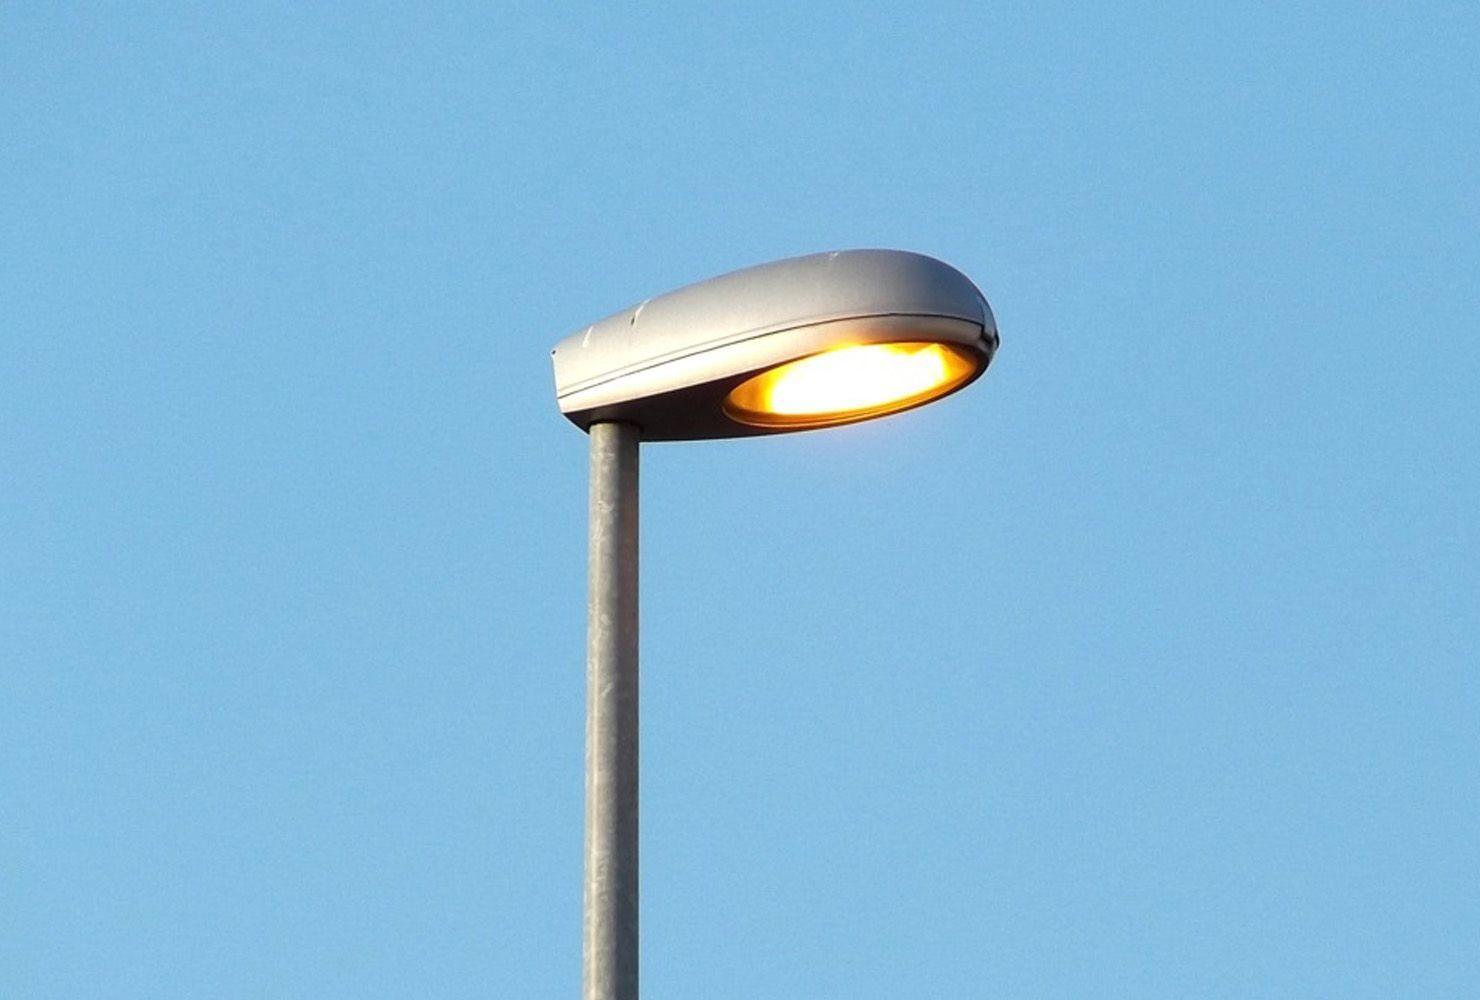 Luminaria Vial Ref. 810 para ambientes urbanos entre otros